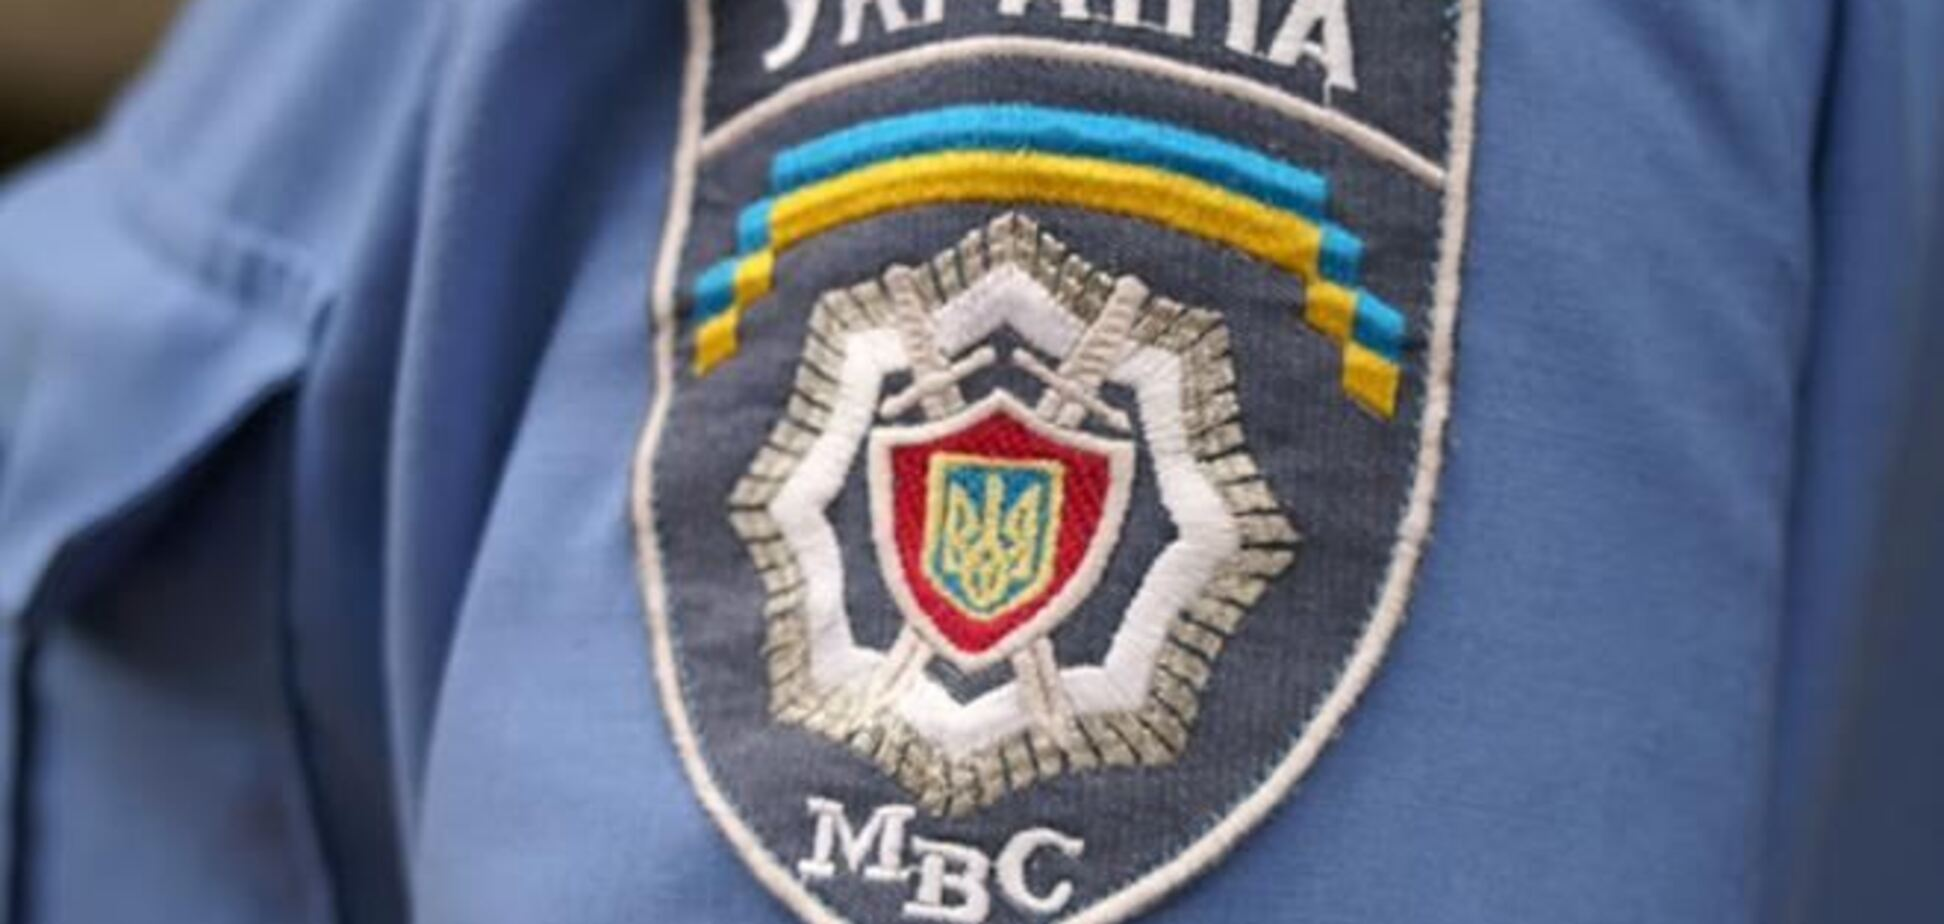 ГУ МВД в Киевской области может возглавить скандальный милиционер- СМИ